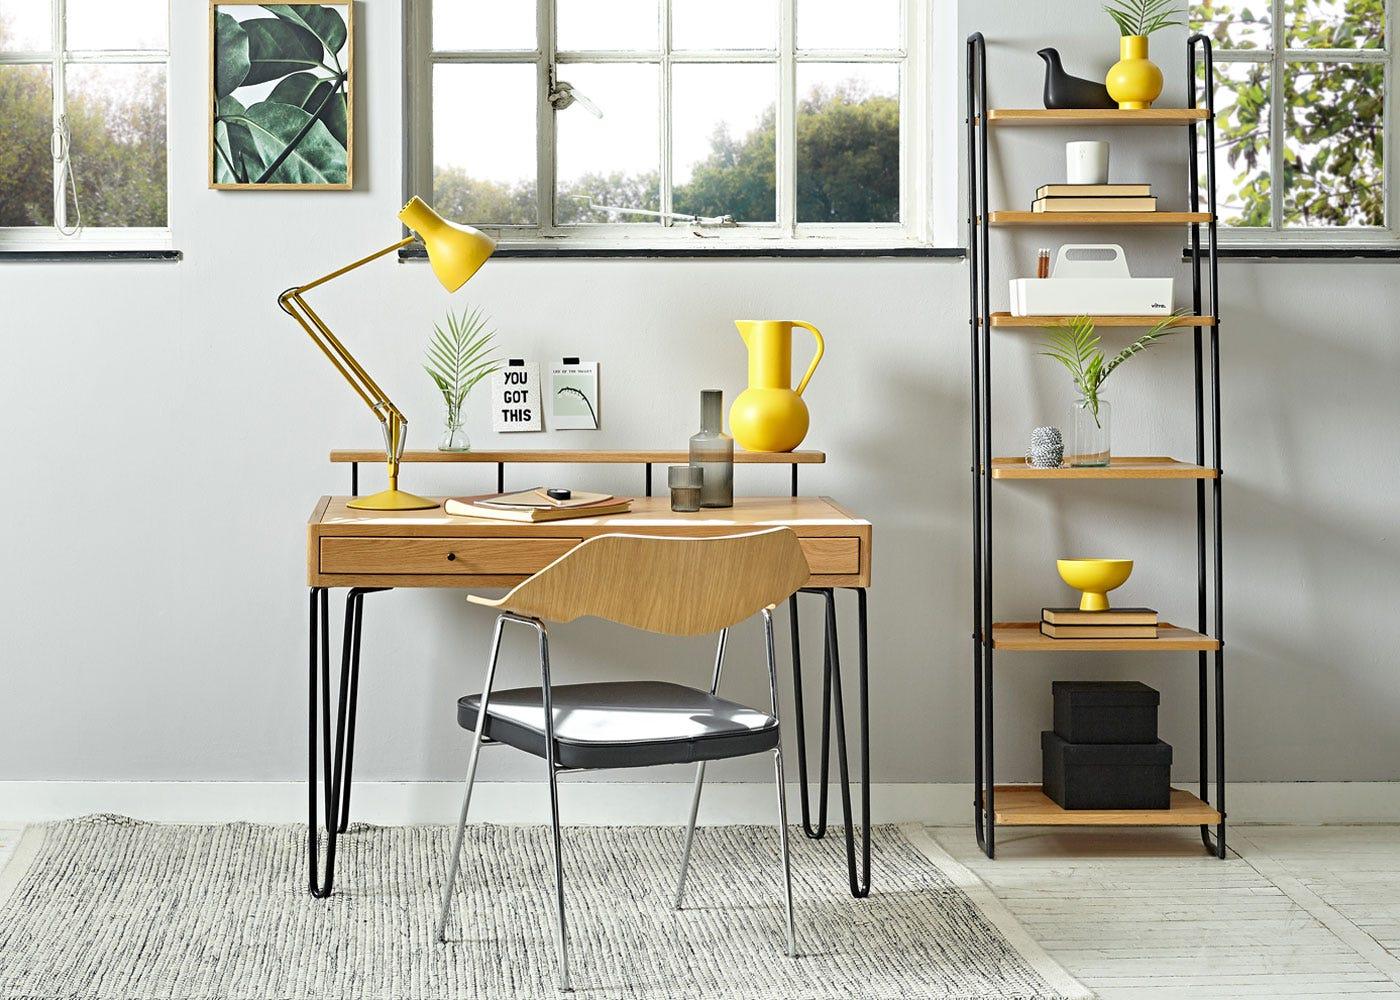 As shown: Bruenl desk light wood, 675 chair, tower shelving unit narrow, anglepoise desk lamp.